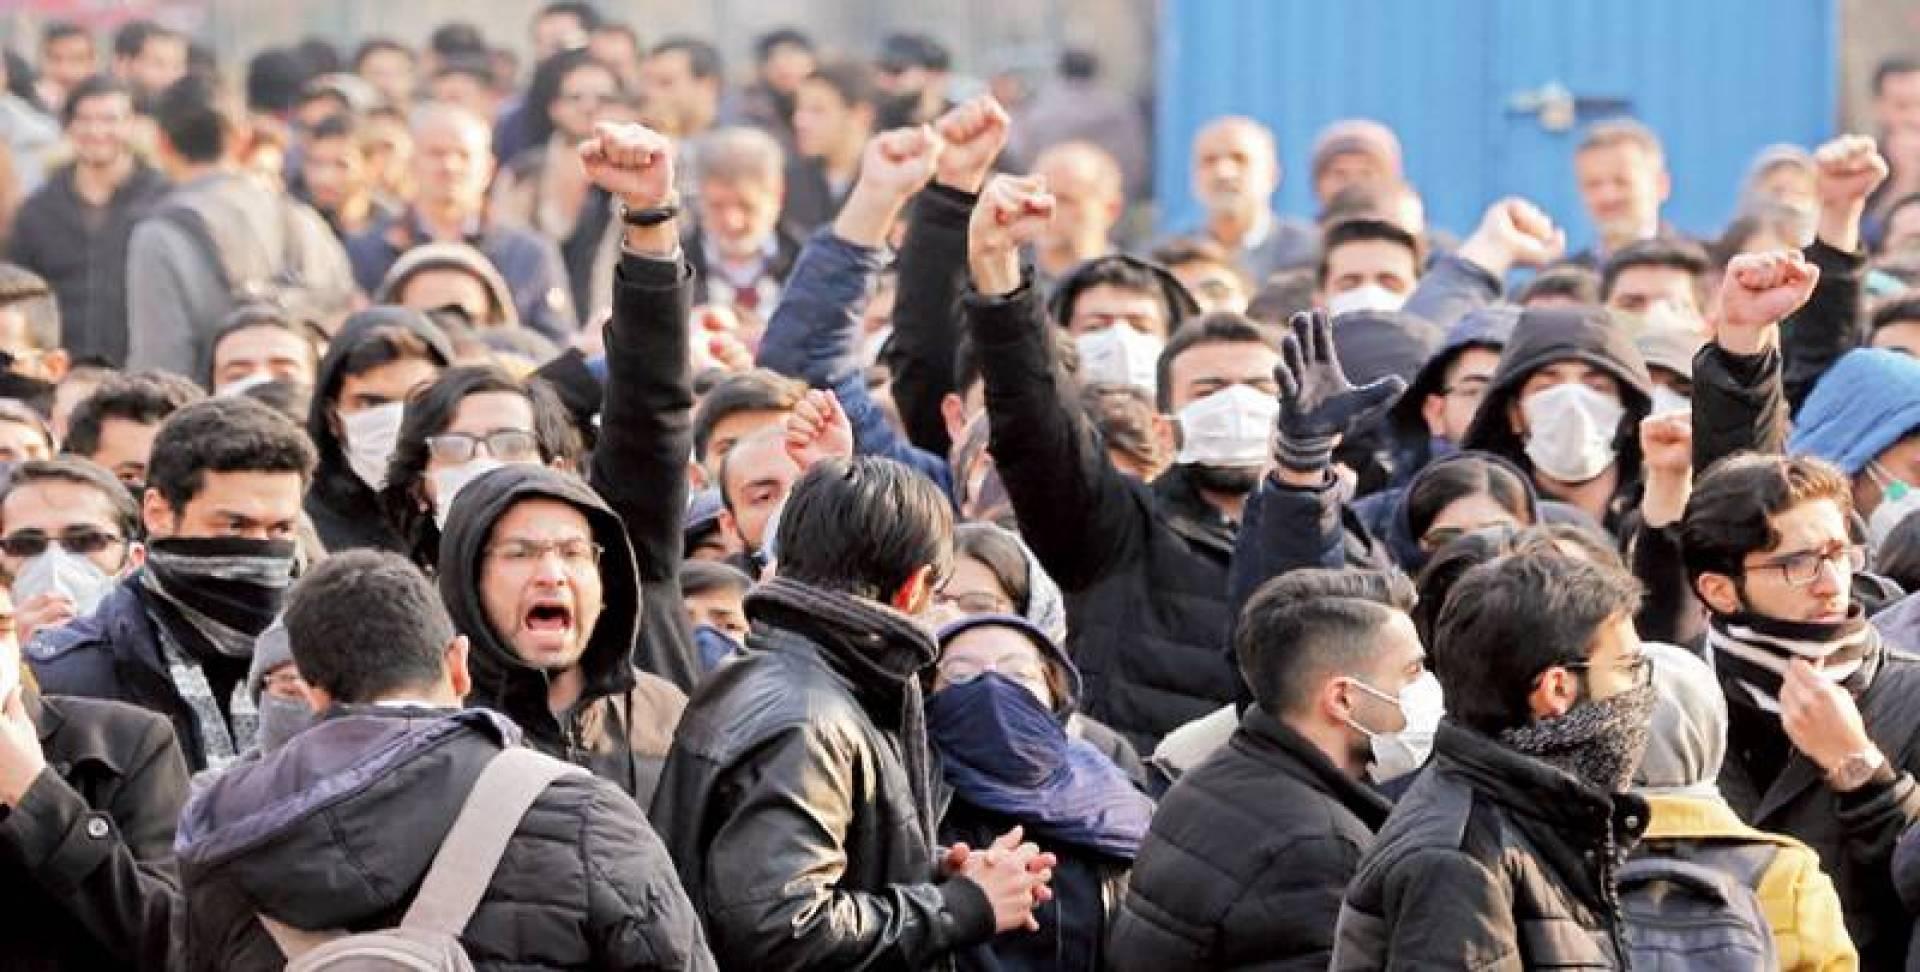 طلاب إيرانيون في جامعة طهران يهتفون خلال تظاهرة تنديداً بطريقة تعامل السلطات مع إسقاط الطائرة الأوكرانية   أ.ف.ب